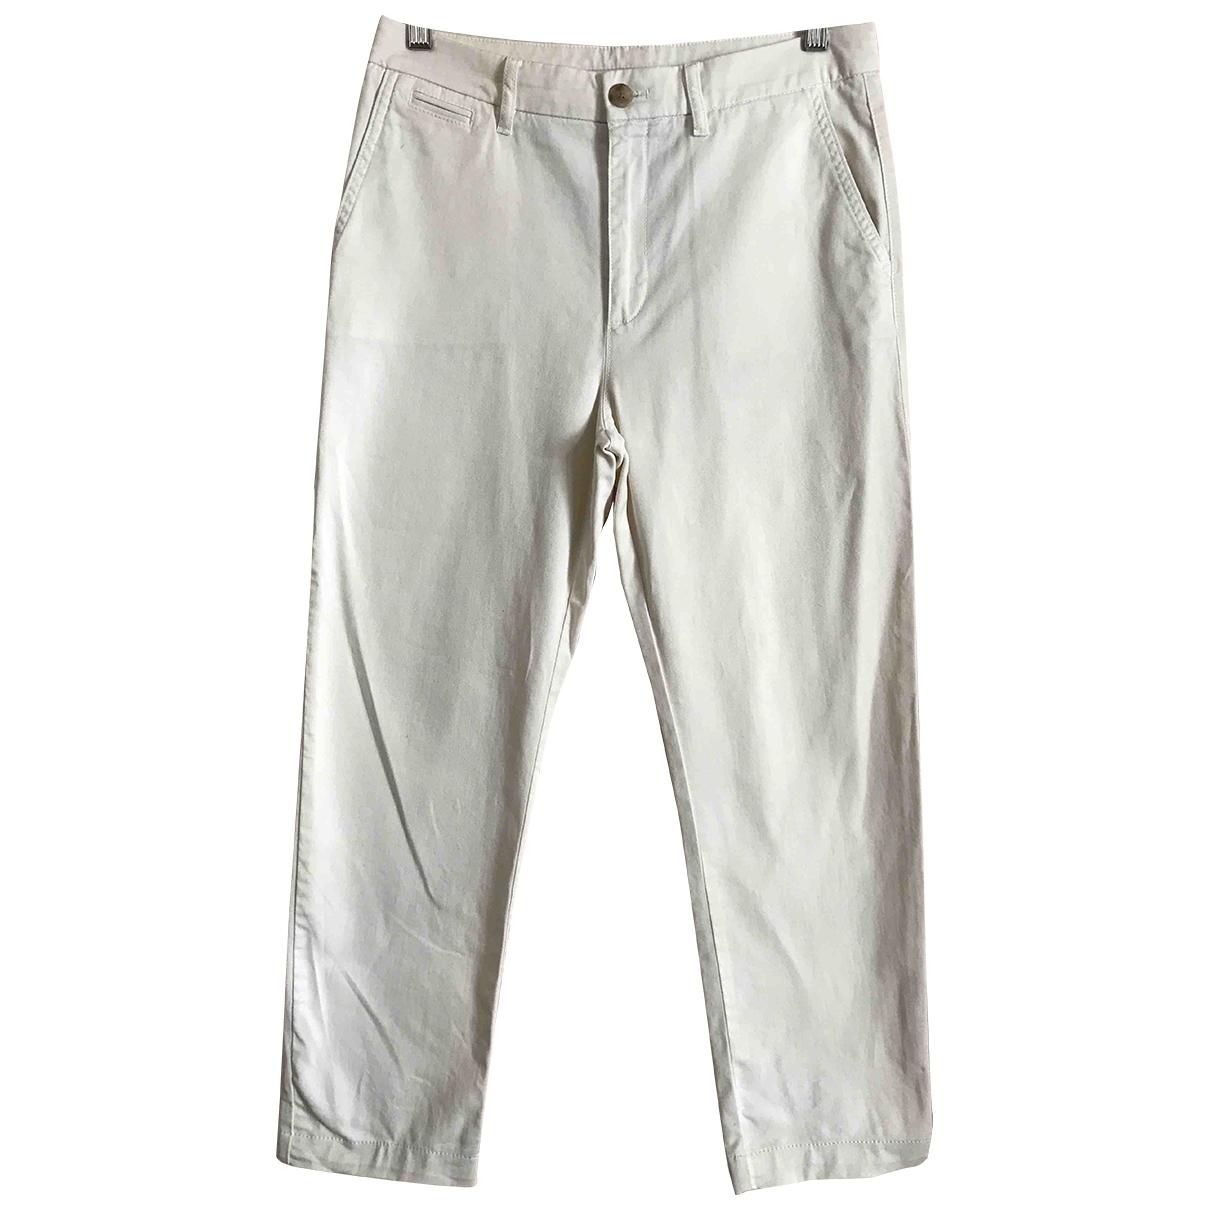 Boss \N Ecru Leather Trousers for Women 38 IT